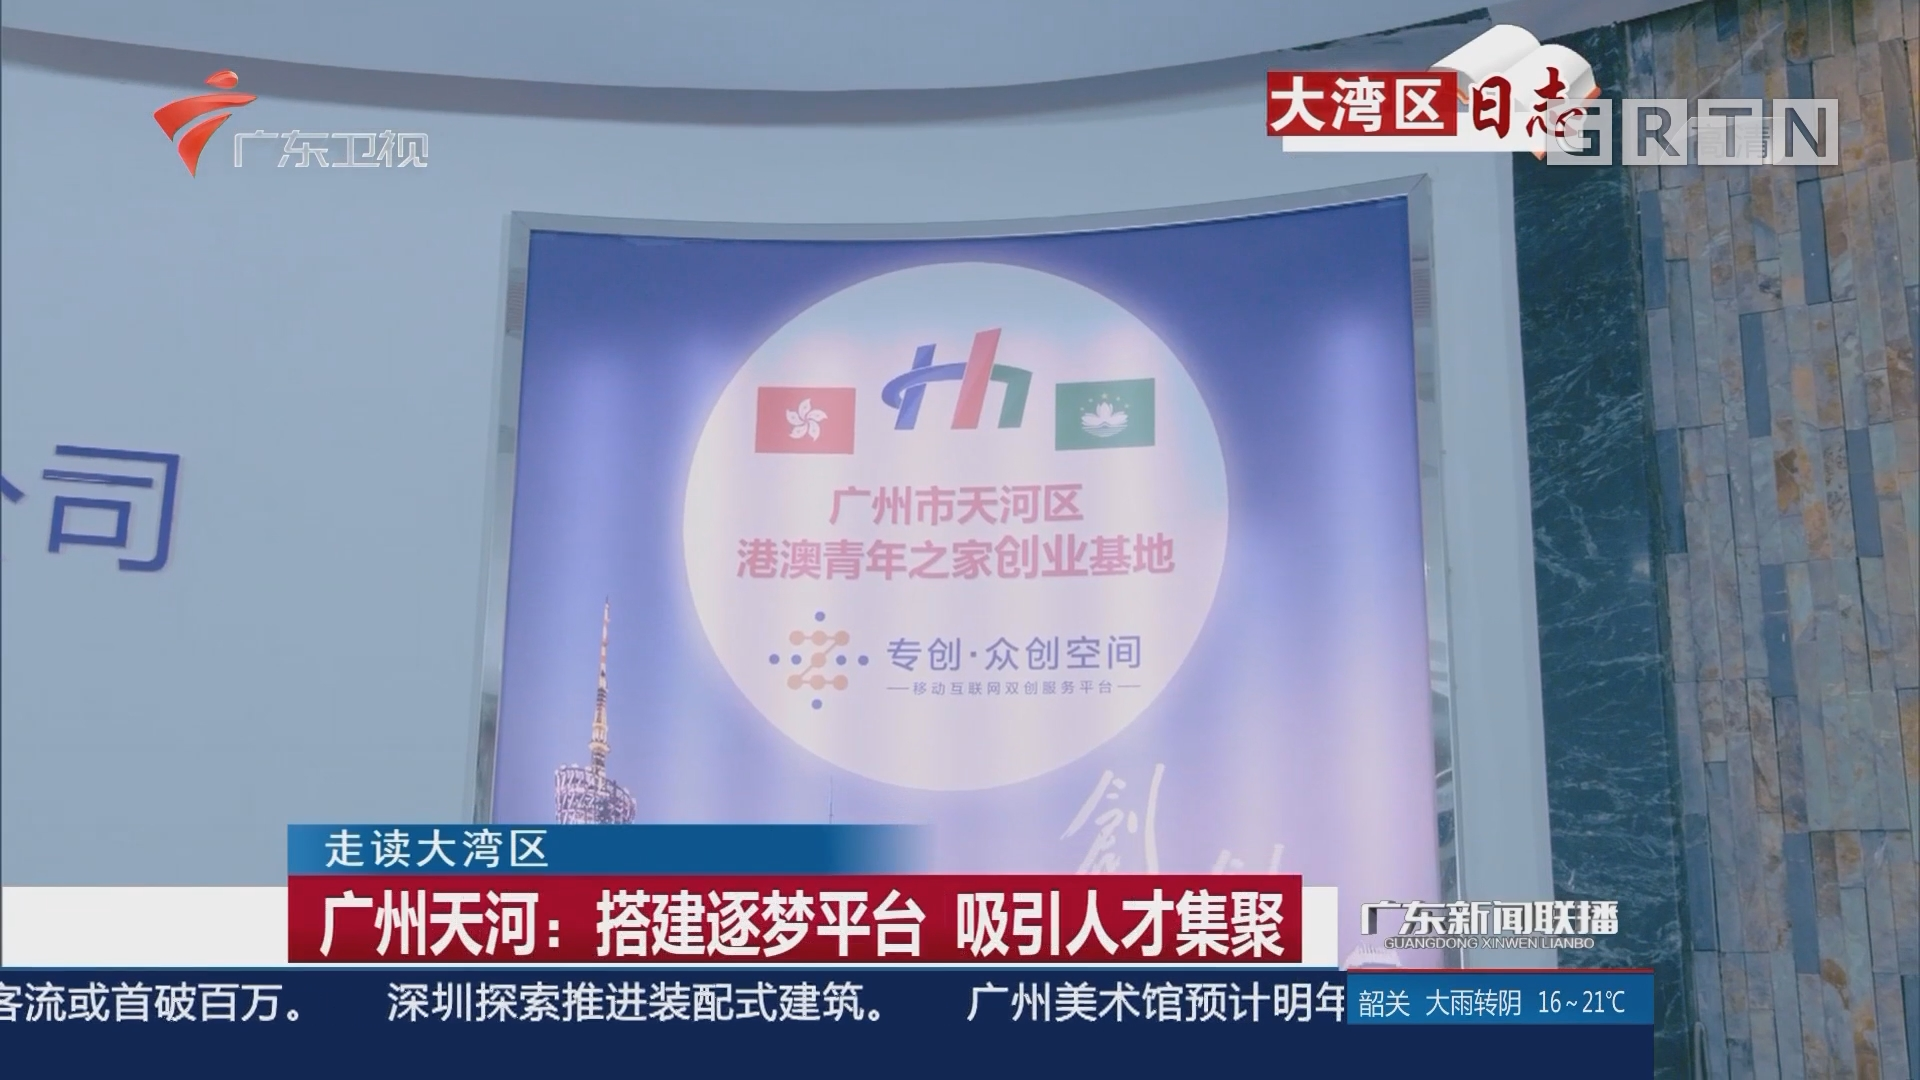 广州天河:搭建逐梦平台 吸引人才集聚